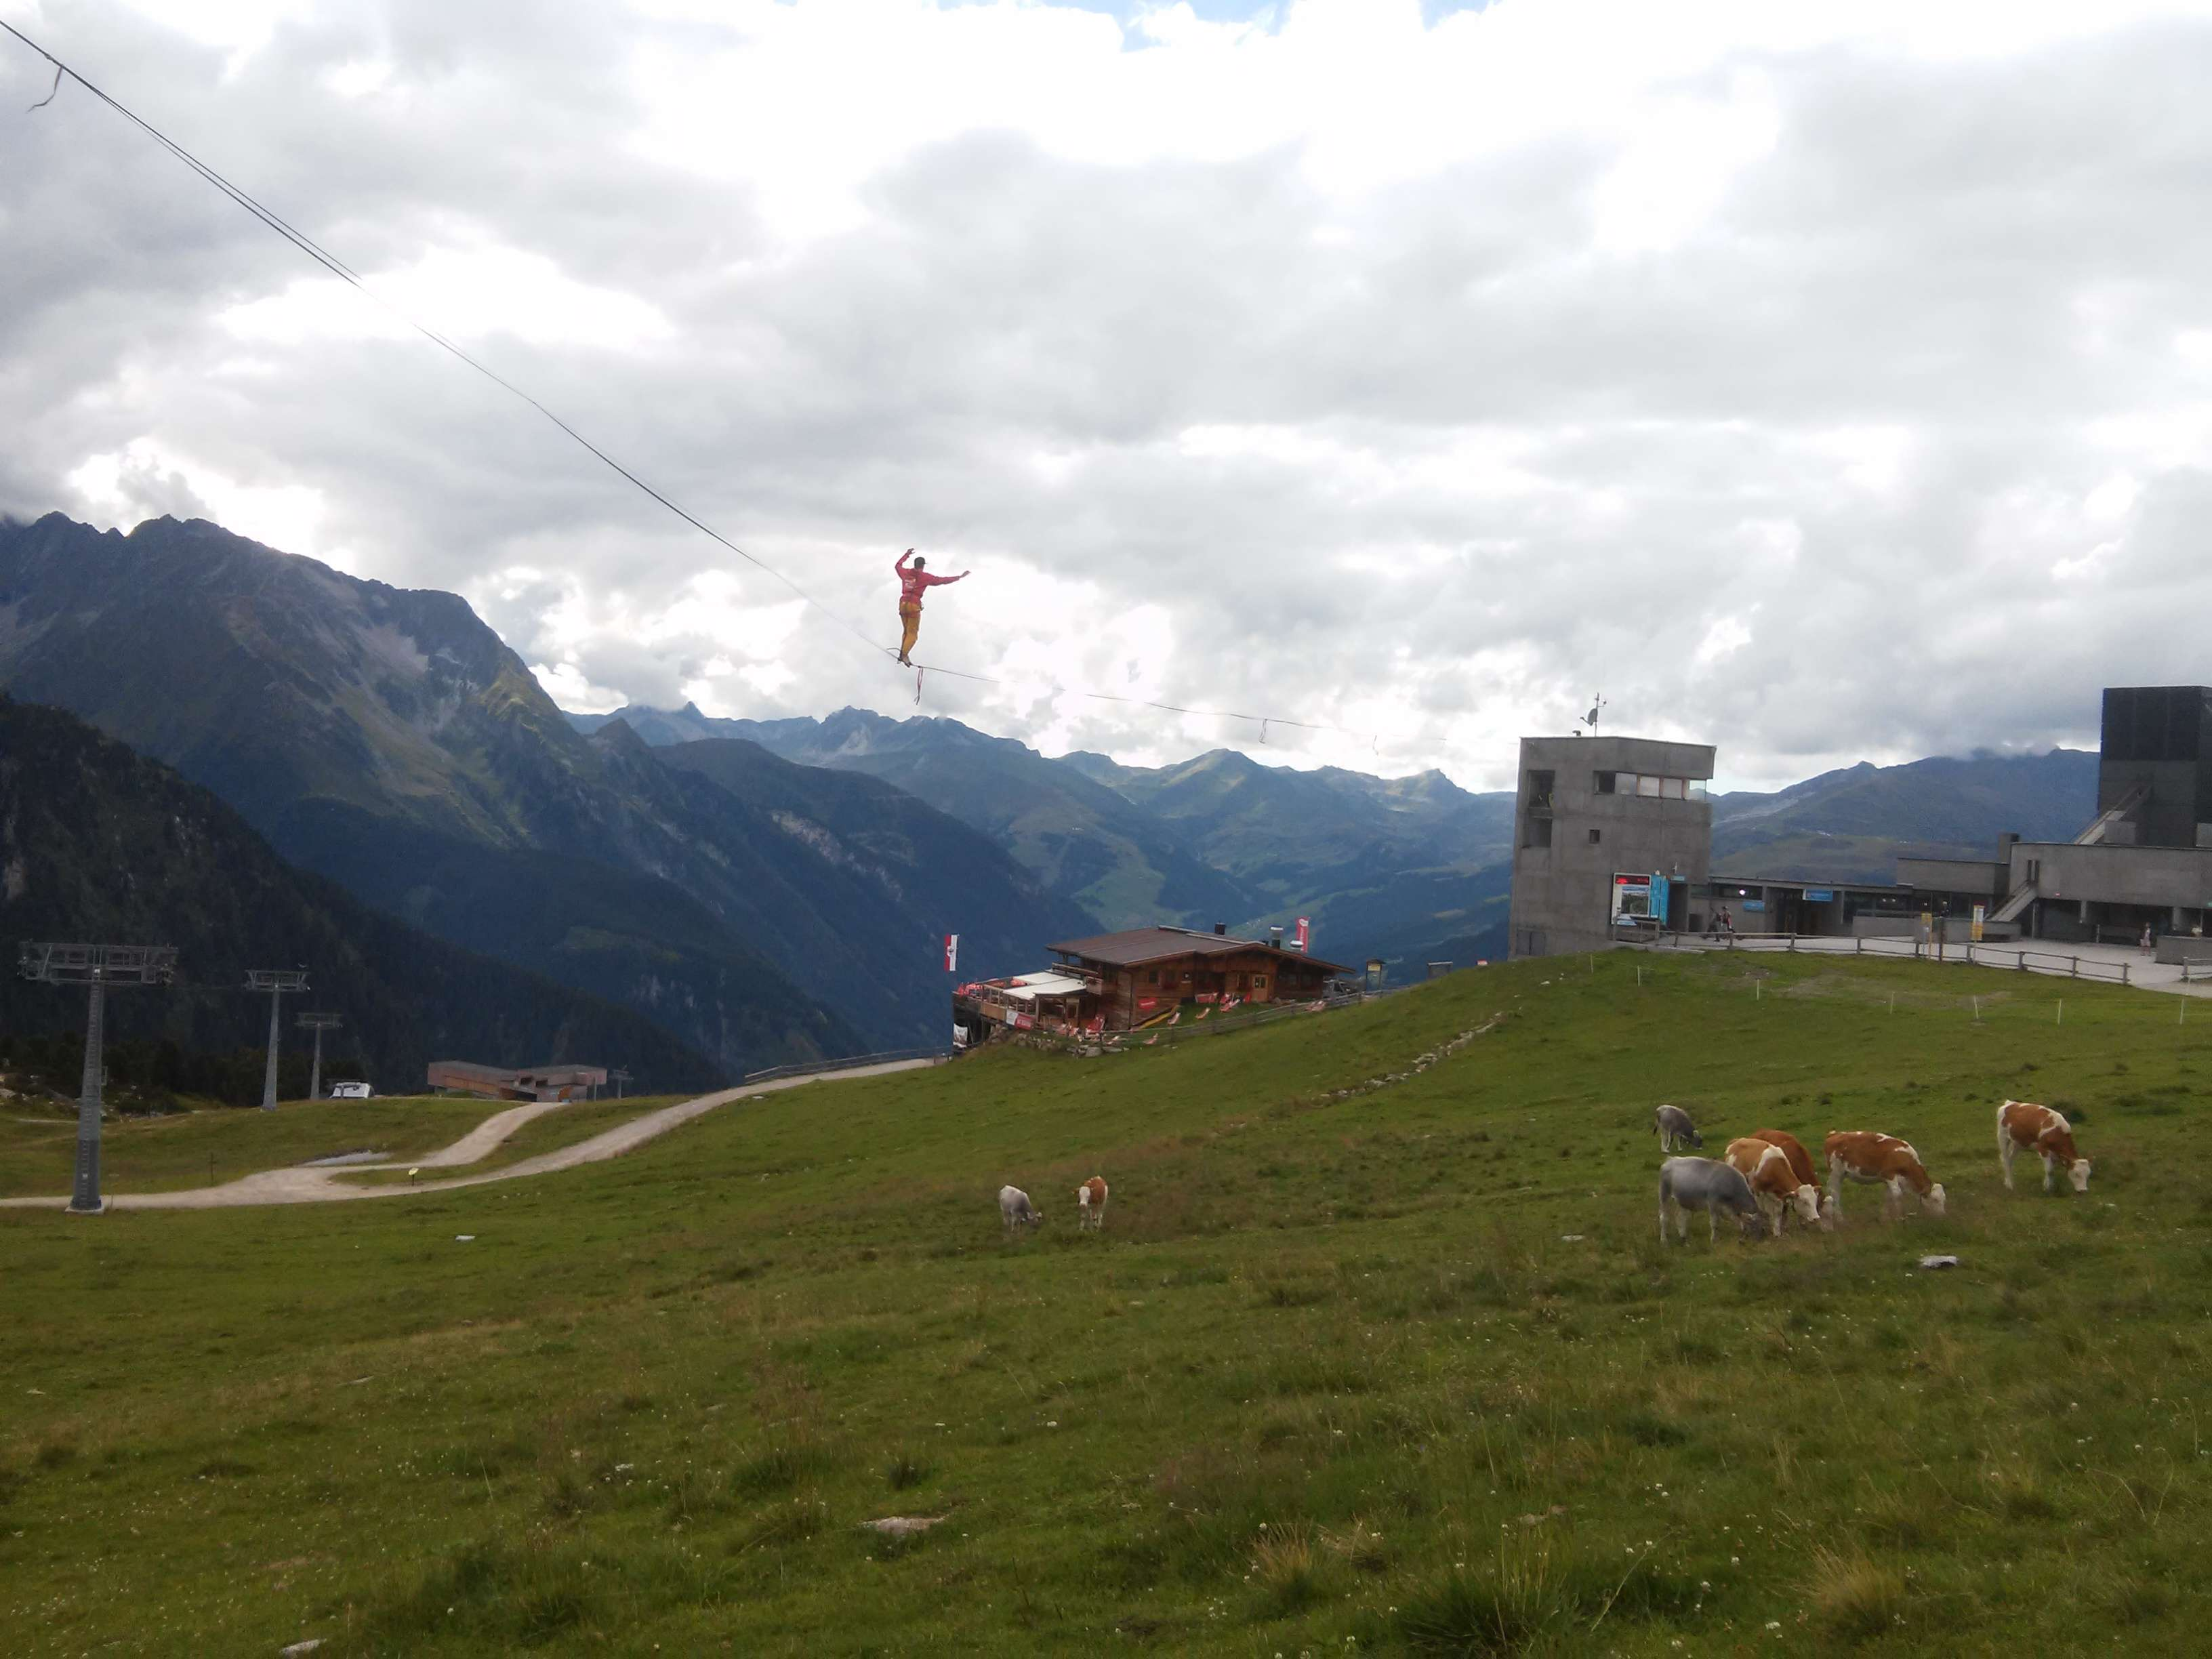 Quirin Herterich auf der Midline beim Festival der Kinder in Mayrhofen / Zillertal, 2017